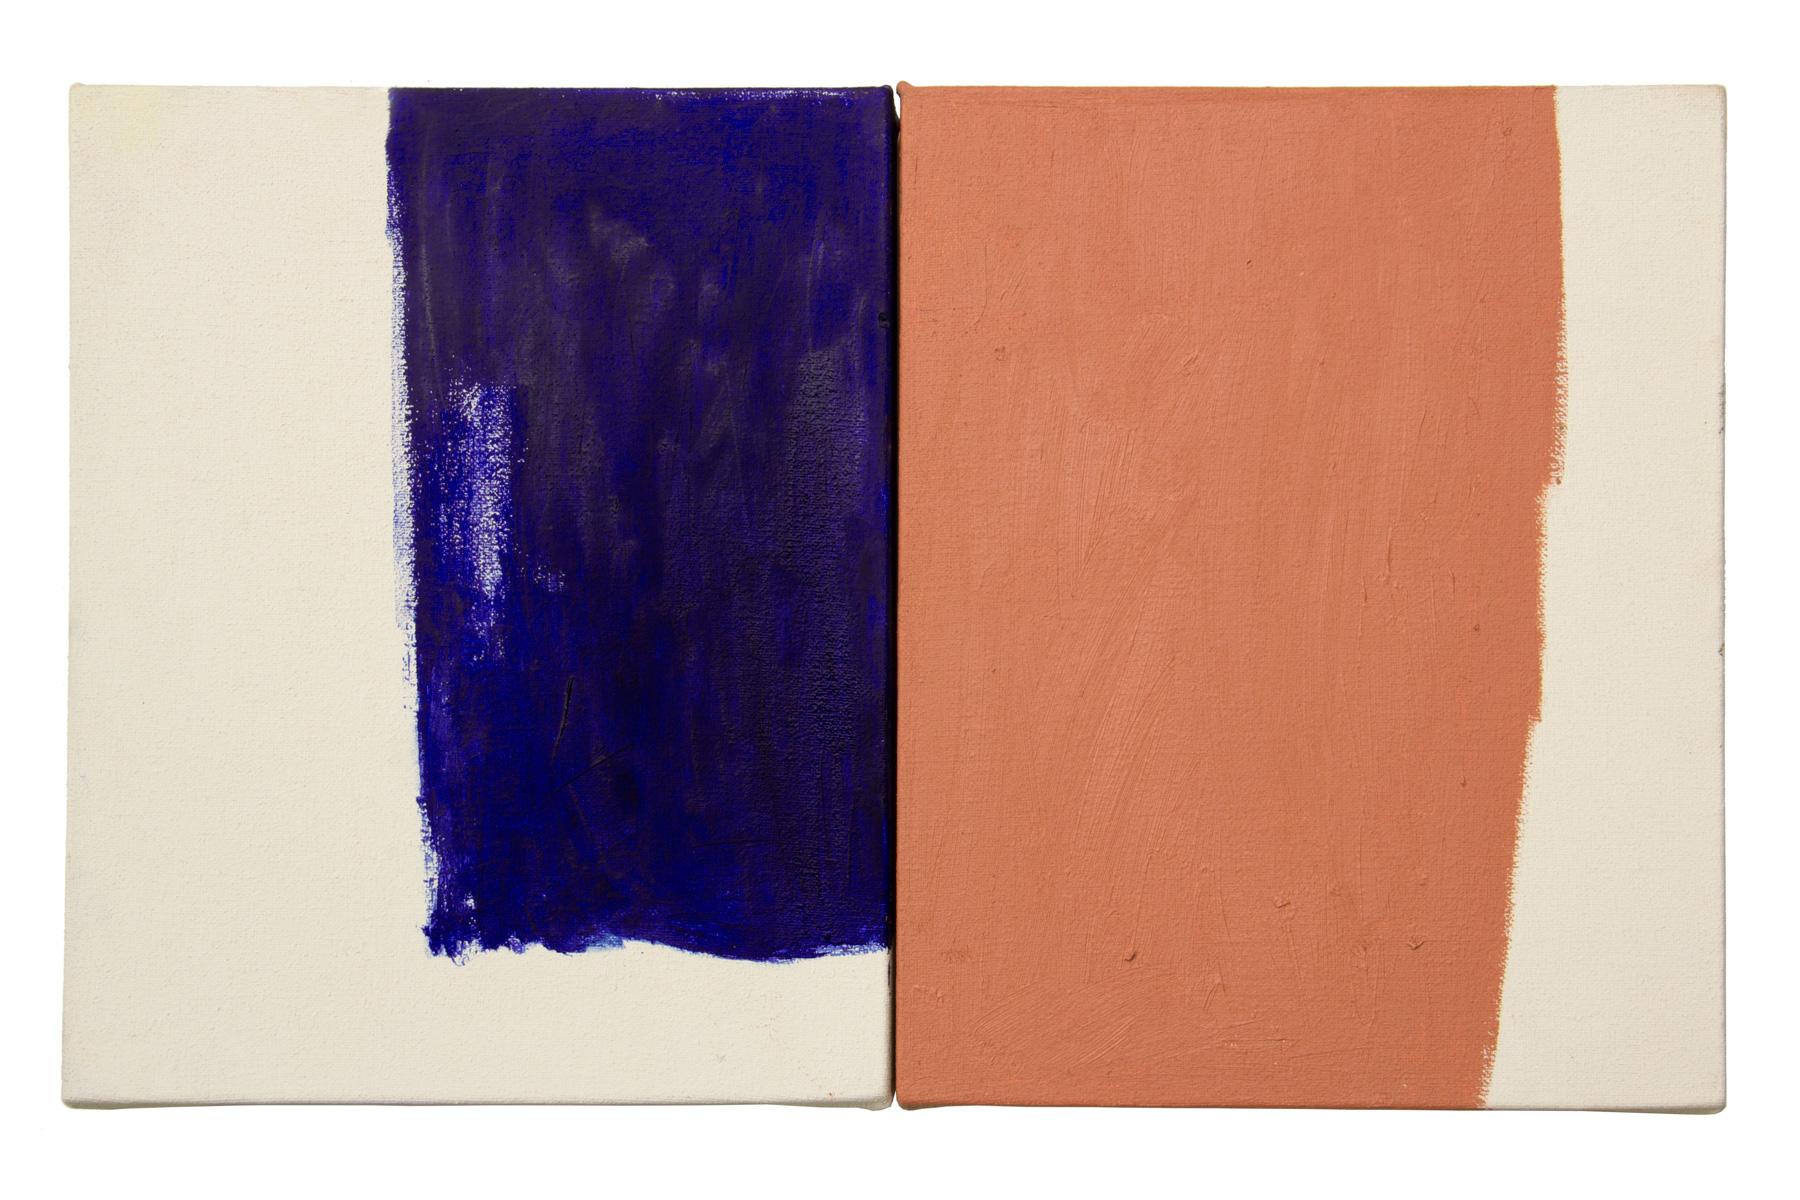 Dialogo 8, oleo sobre lienzo, 25 x 40 cms